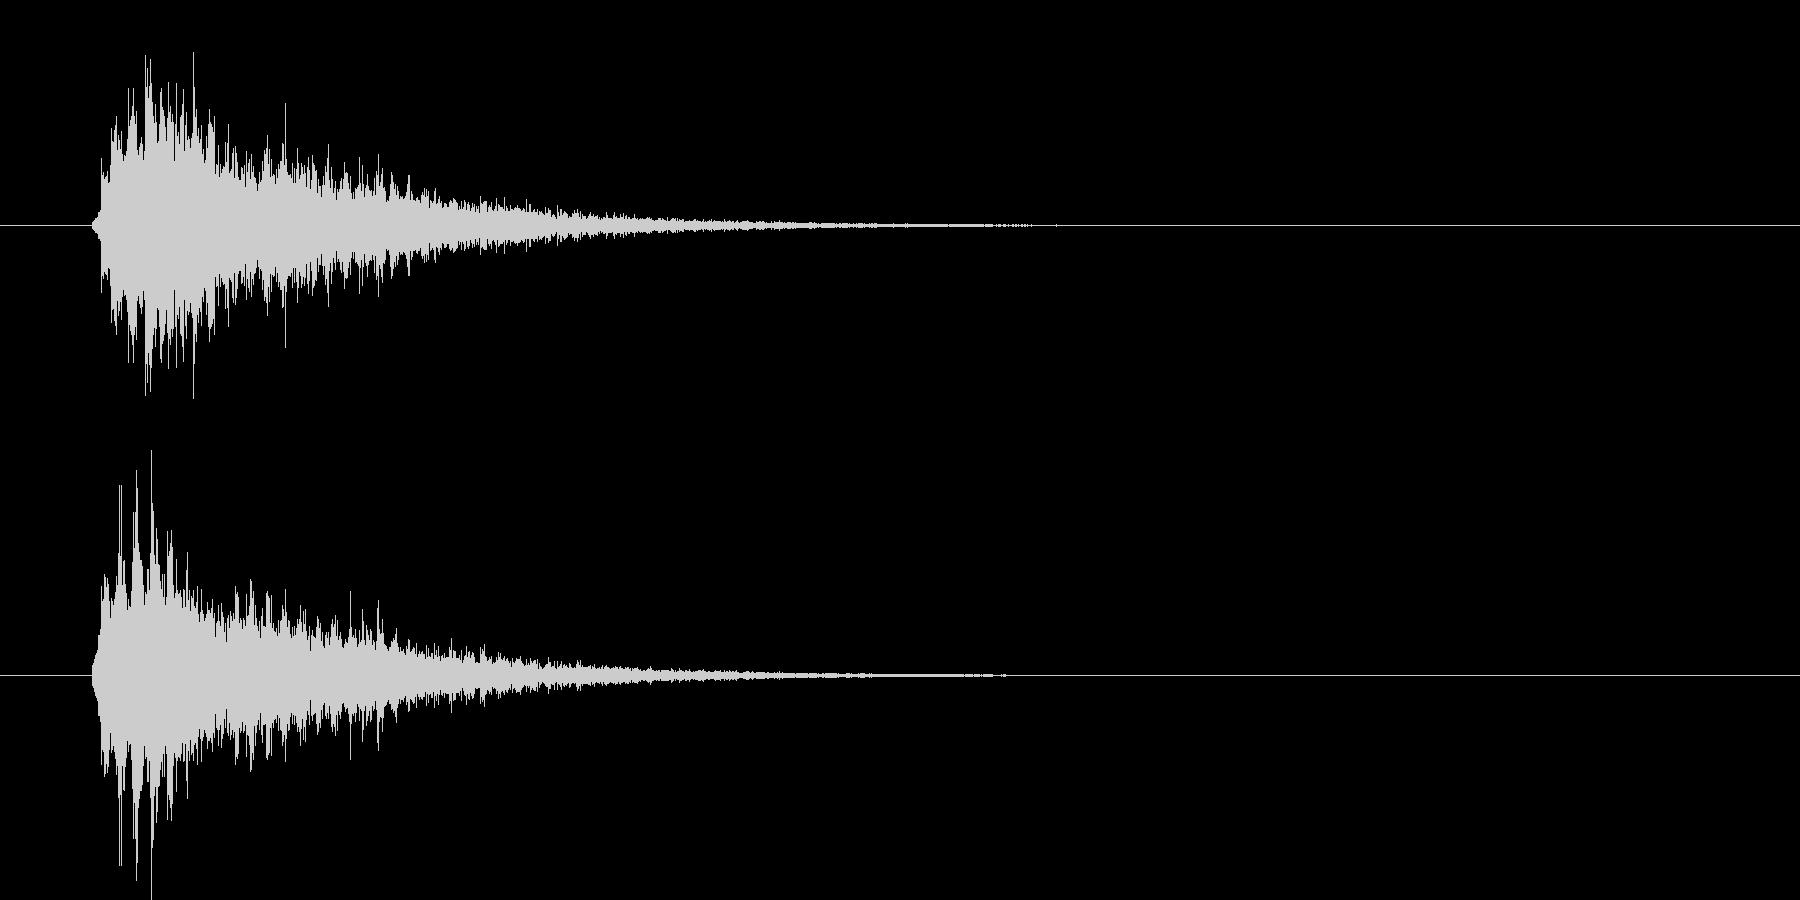 【シュイン】出現 ワープ 発動 瞬間移動の未再生の波形